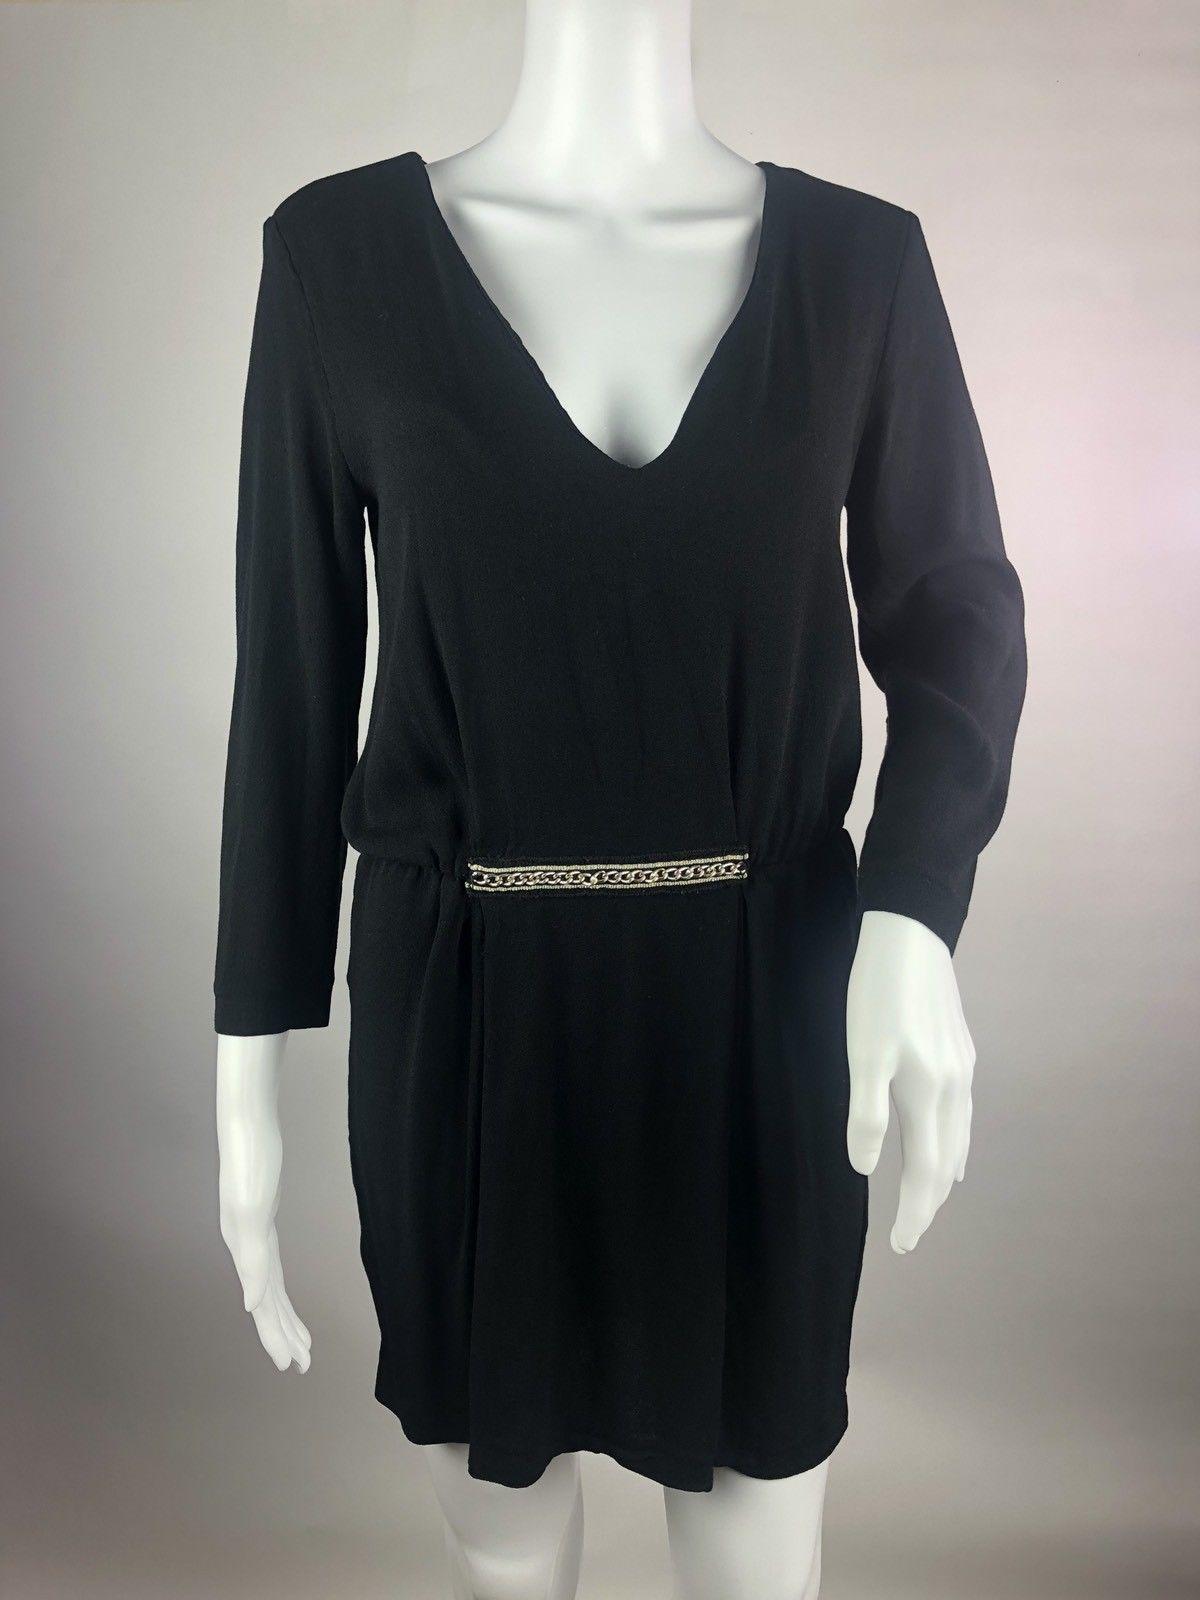 Zara little black dress womens size m plunge blouson long sleeve